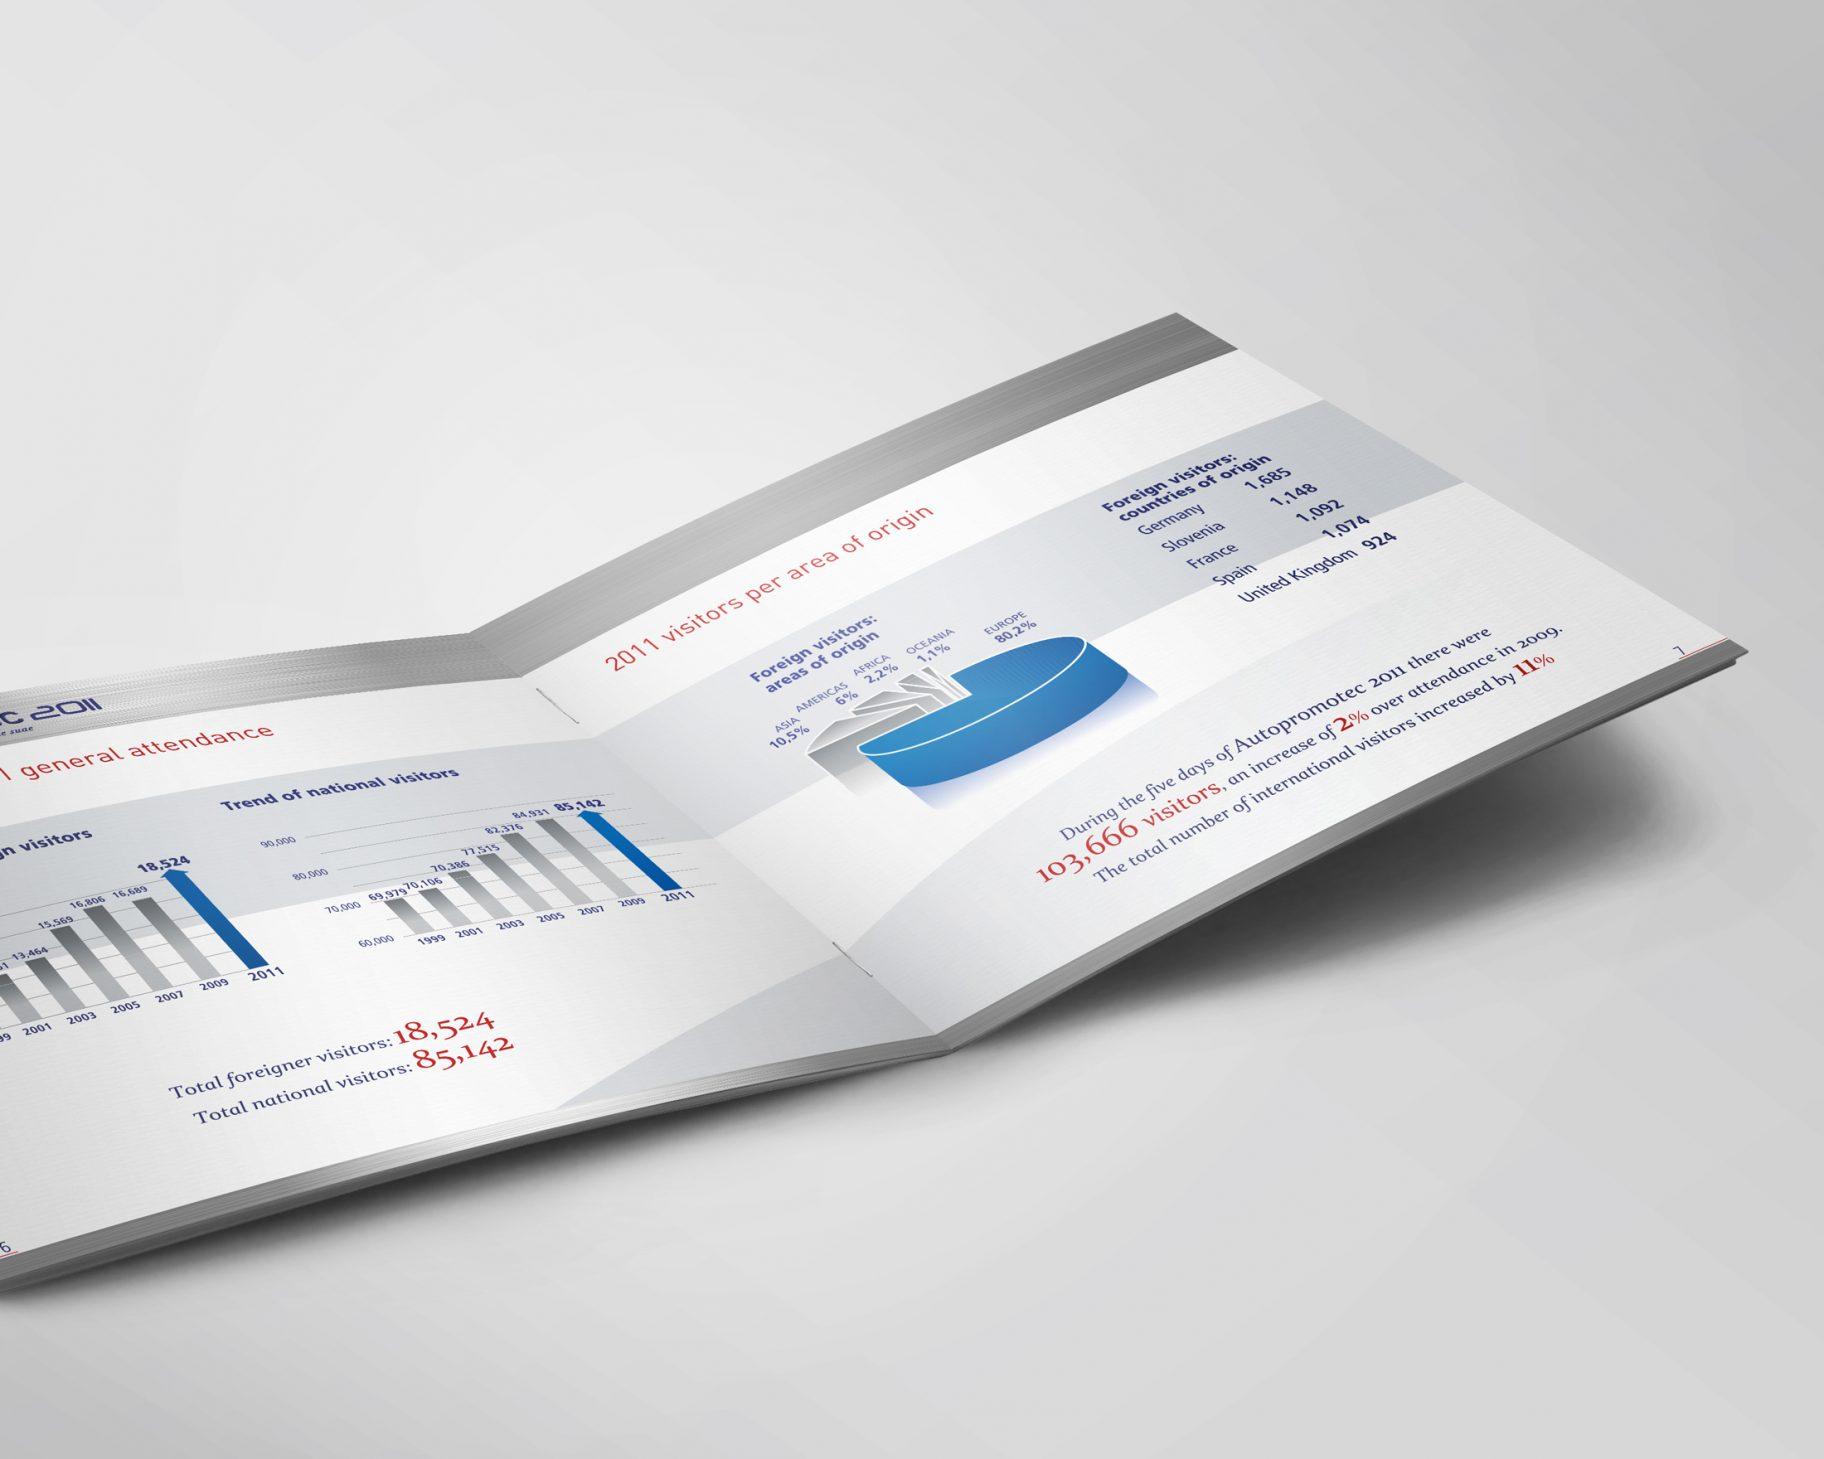 Autopromotec-fiera-2011-brochure-fatti e cifre-02